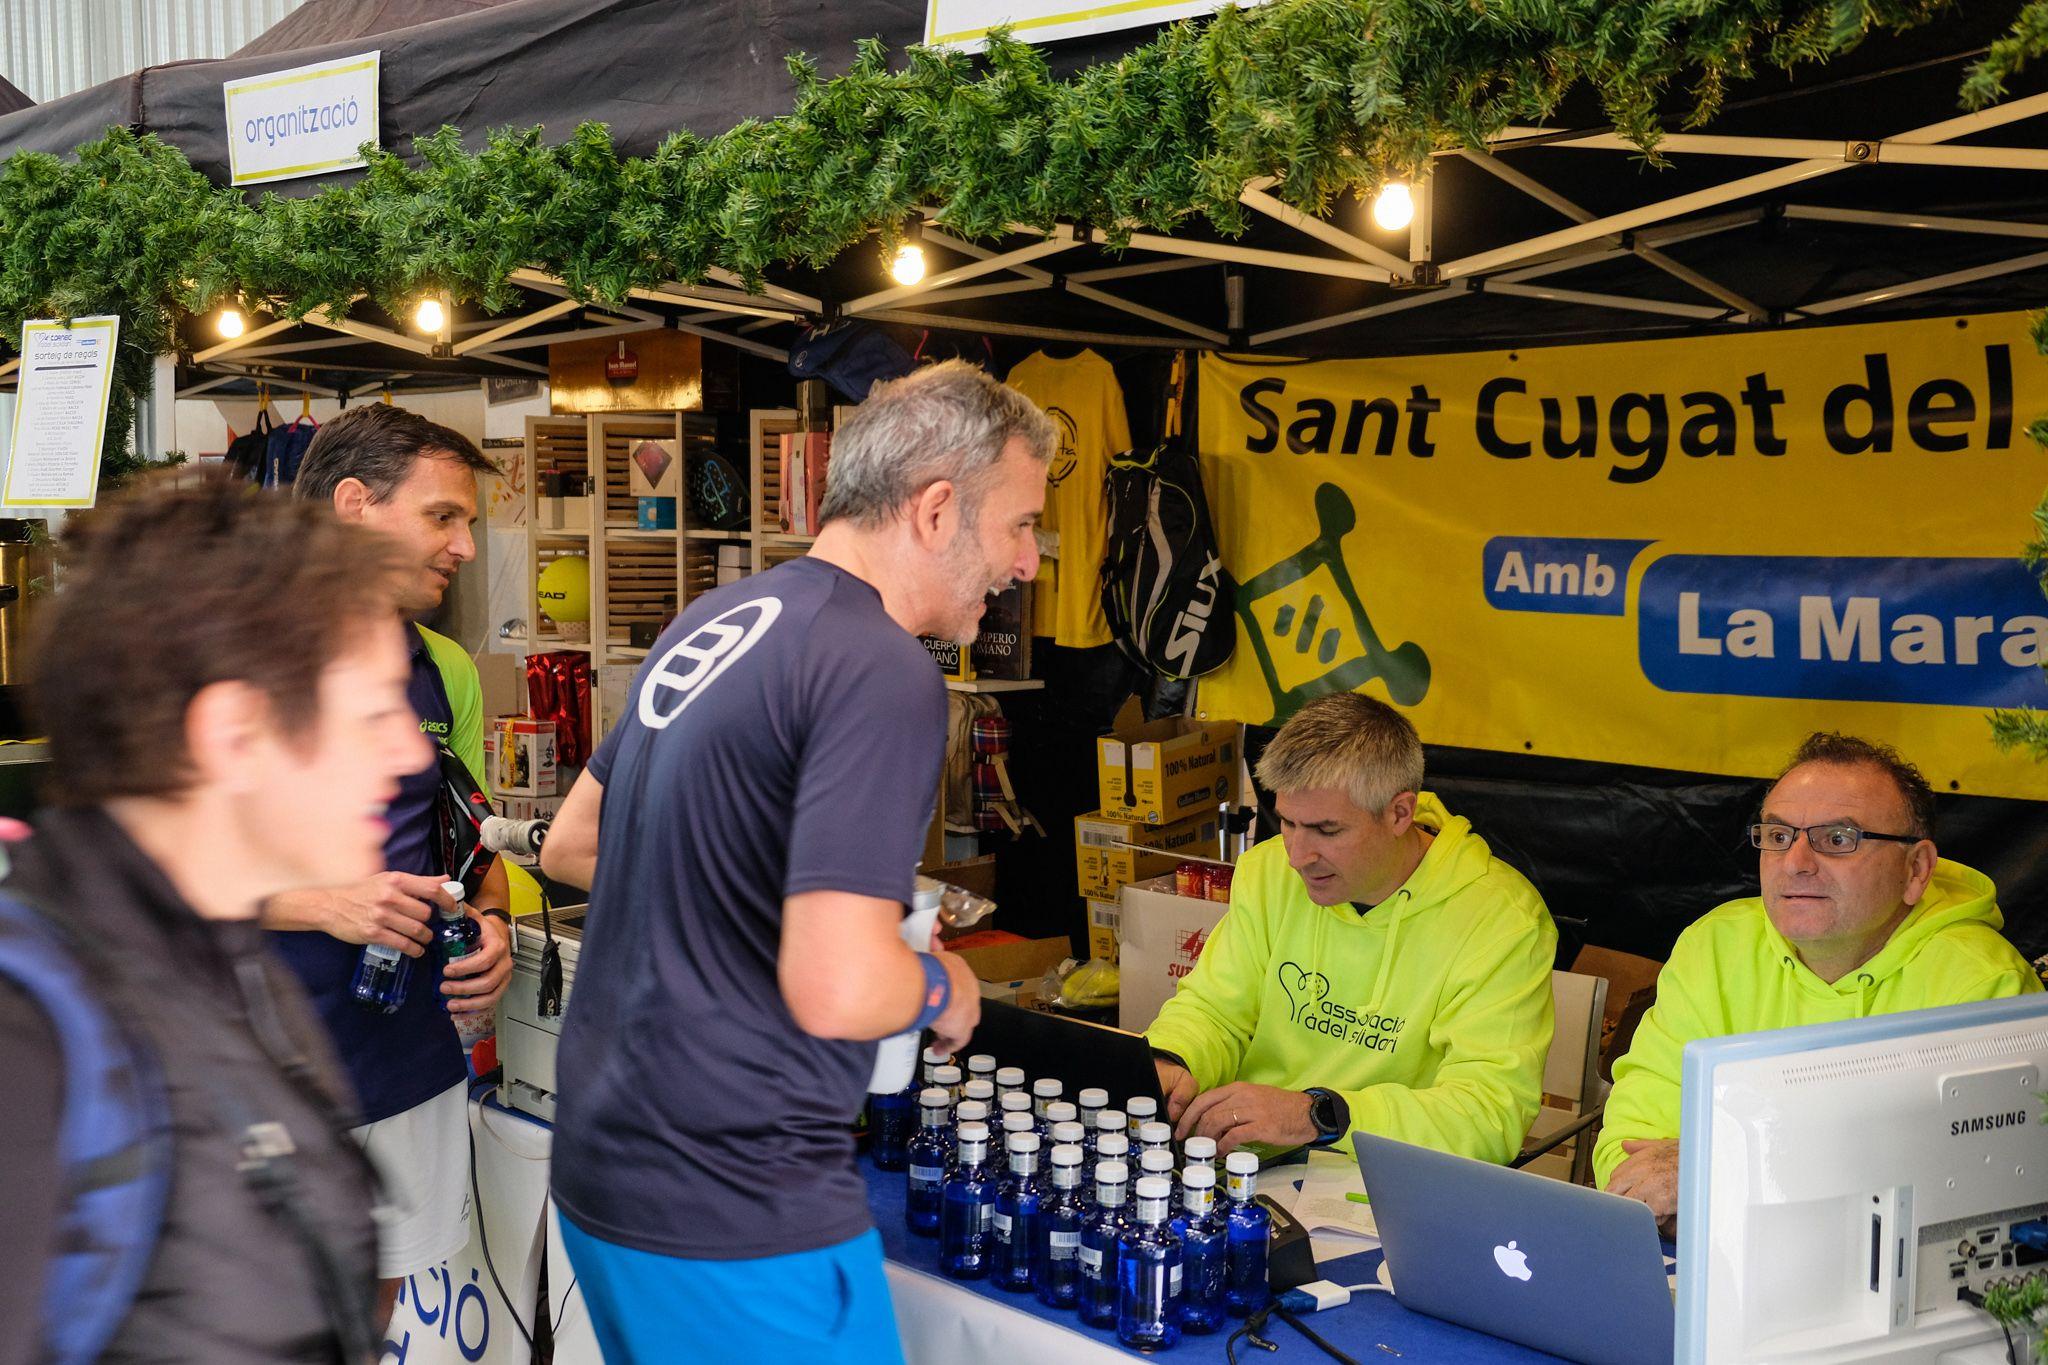 Torneig de pàdel al 'Pàdel Indoor DiR Sant Cugat' per la Marató. FOTO: Ale Gómez